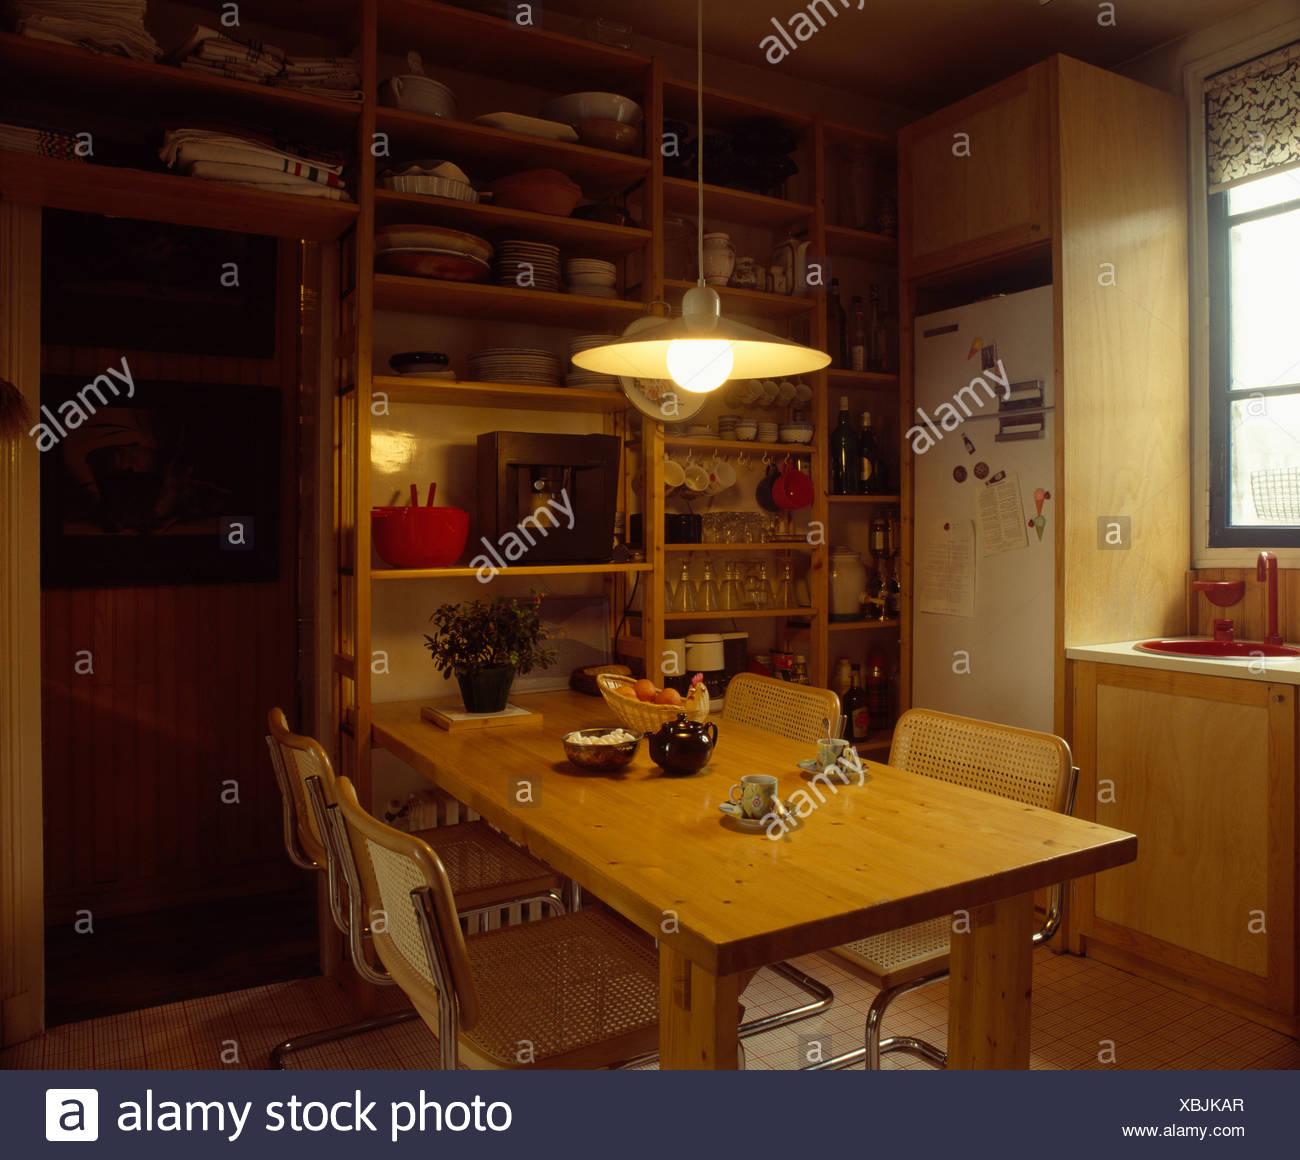 Lampe über Holztisch im 70er Jahre Küche Stockfoto, Bild ...